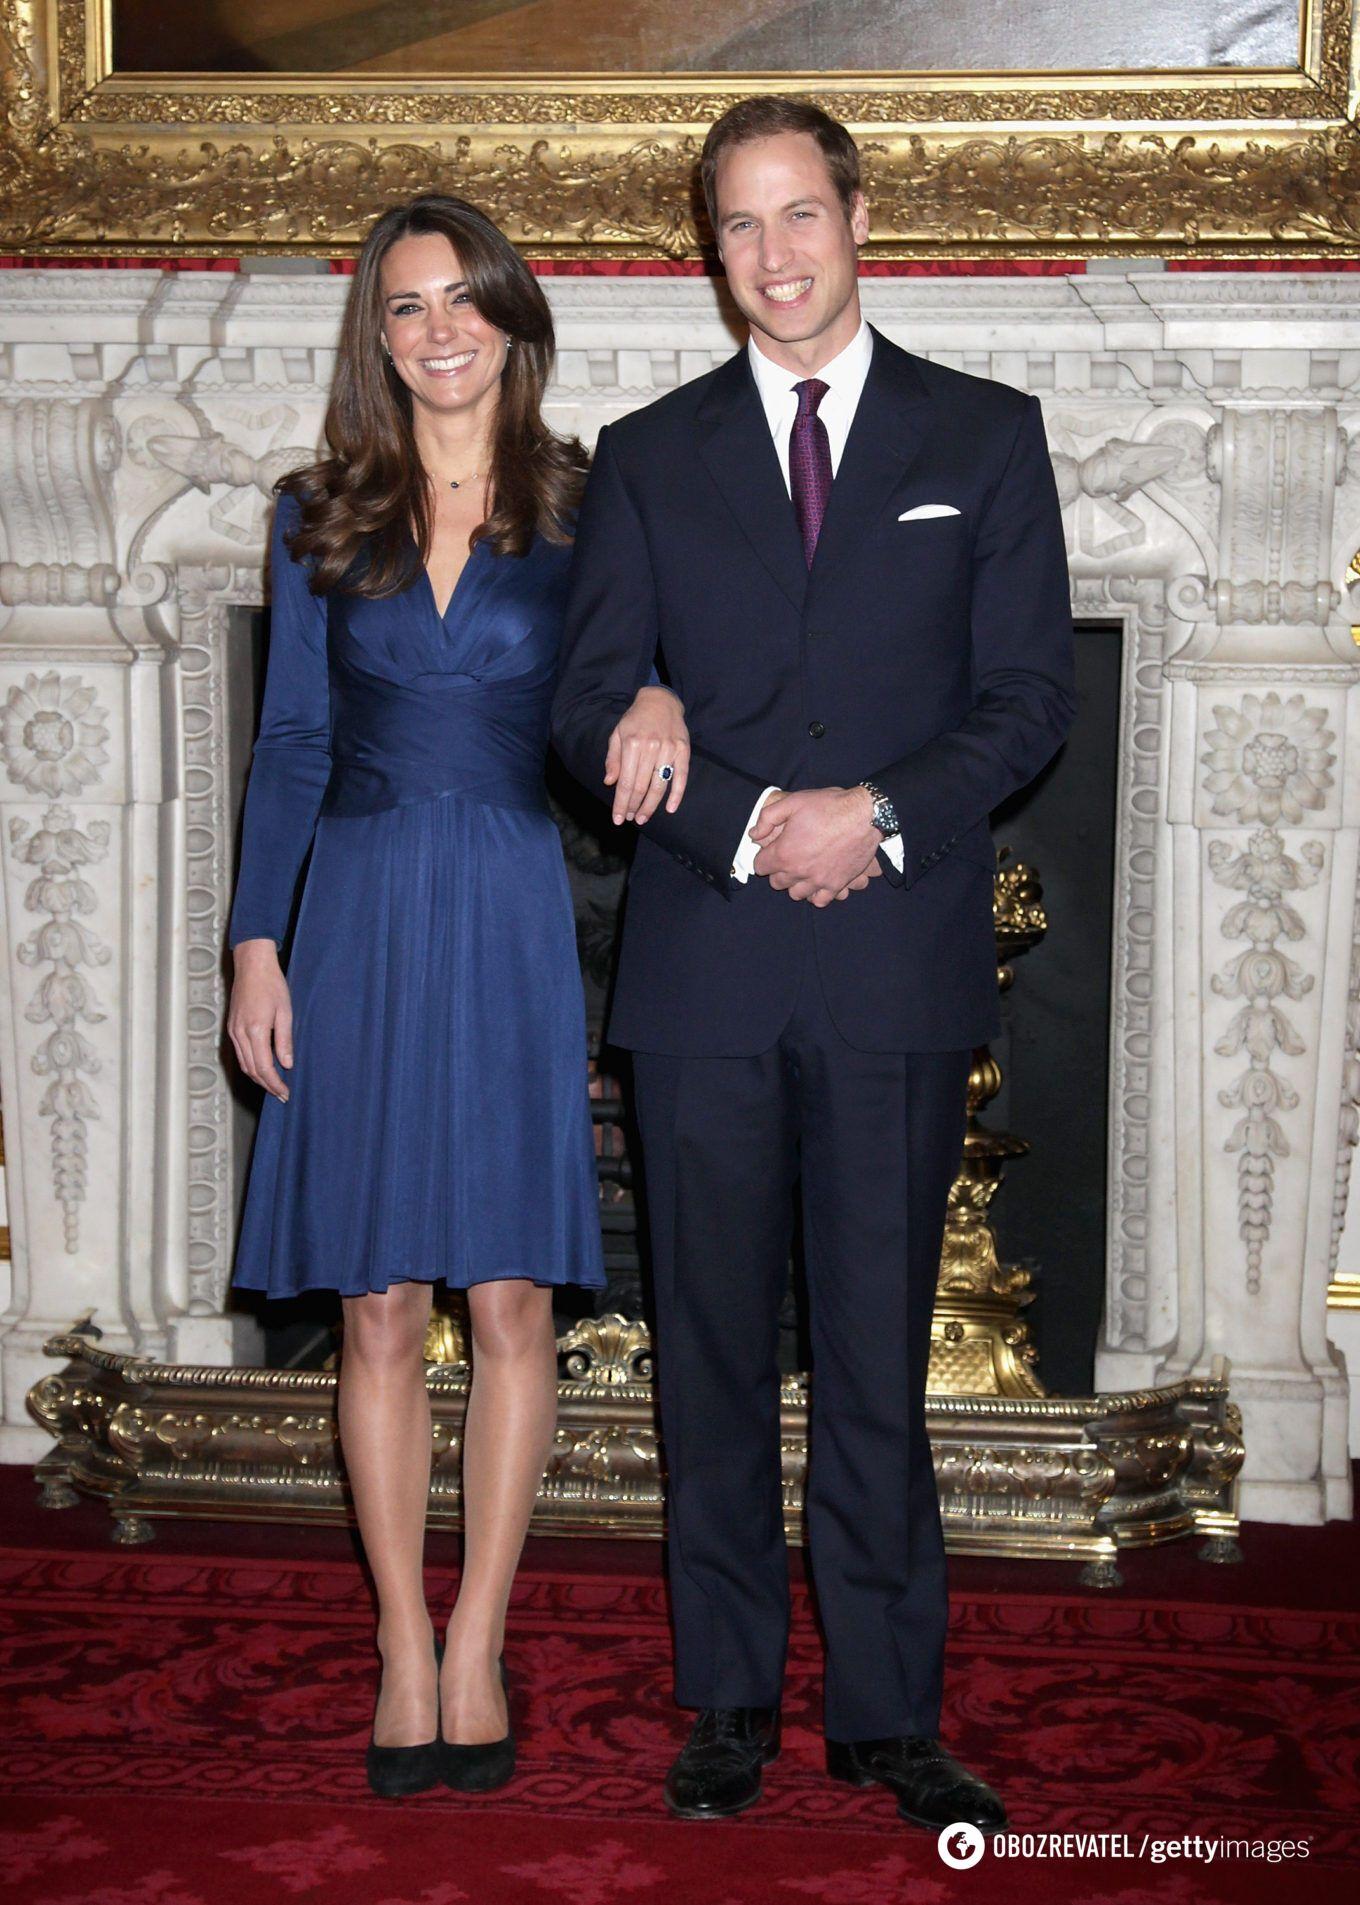 16 ноября 2010 года Букингемский дворец официально объявил о помолвке.